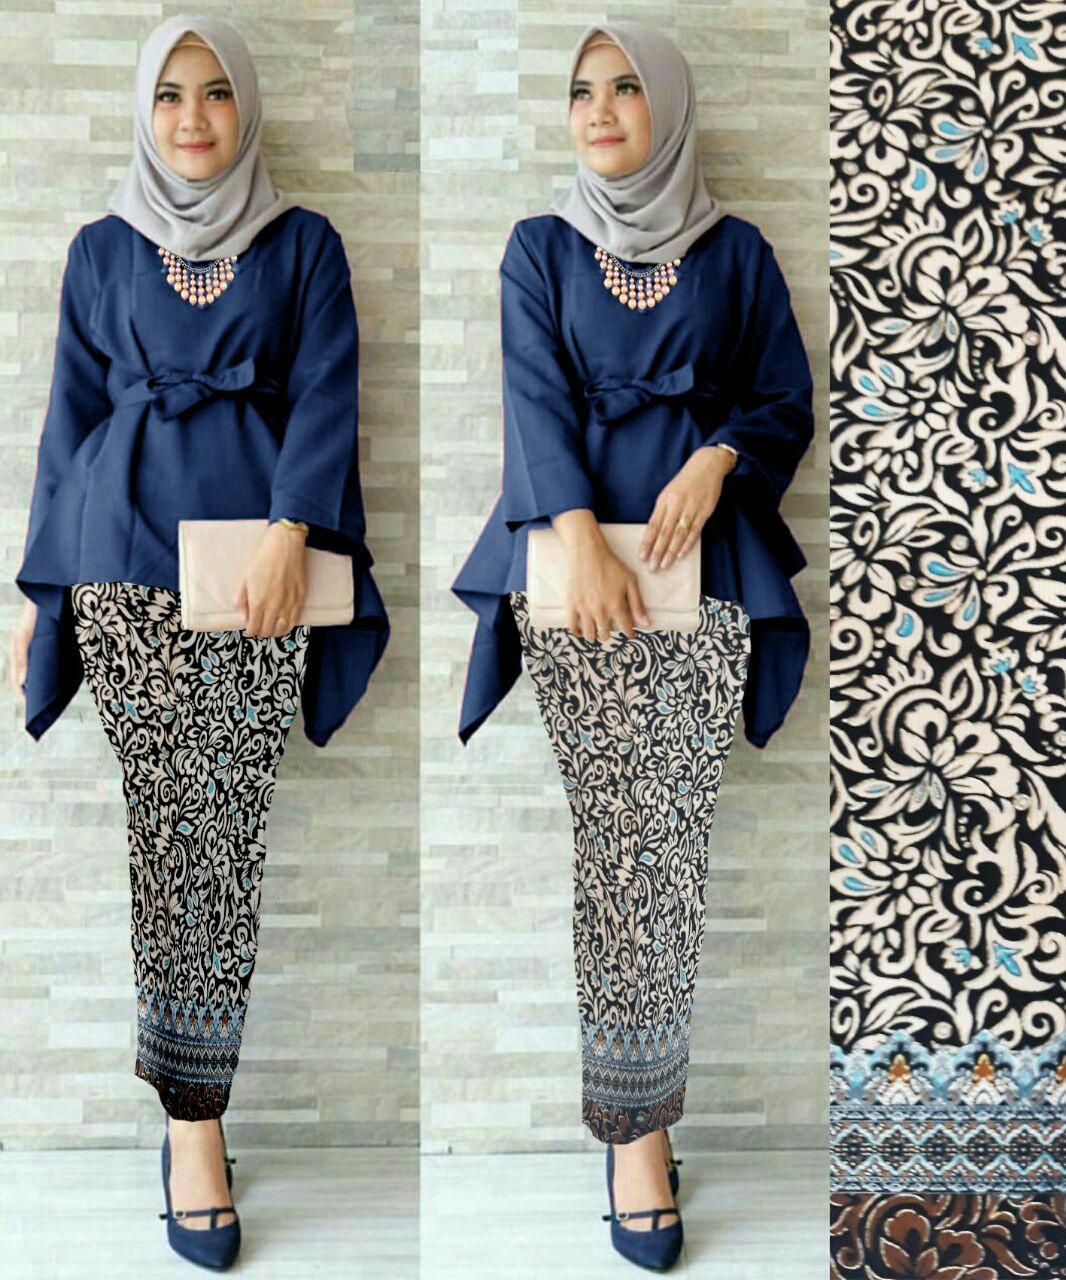 J&C Setelan Kebaya Pitha /  Atasan Wolpeach / Rok Batik Prada / Setelan Kebaya 2 in 1 / Baju Pesta / Kebaya Muslim / Rok Panjang Batik / Rok Batik / Baju Muslim / Hijab Style / Hijab Fashion